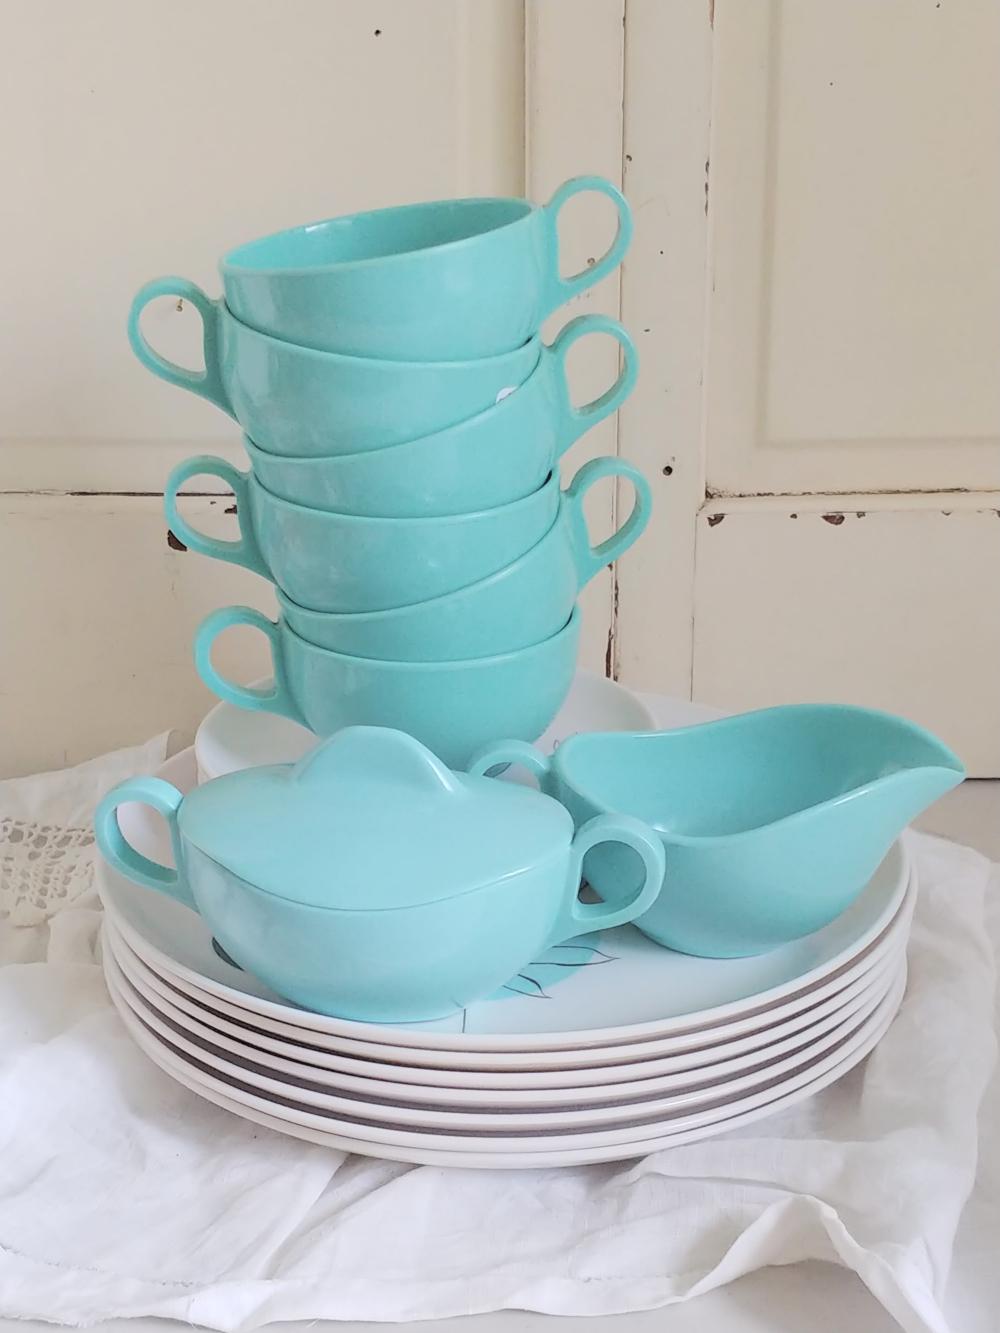 Melamine dishes